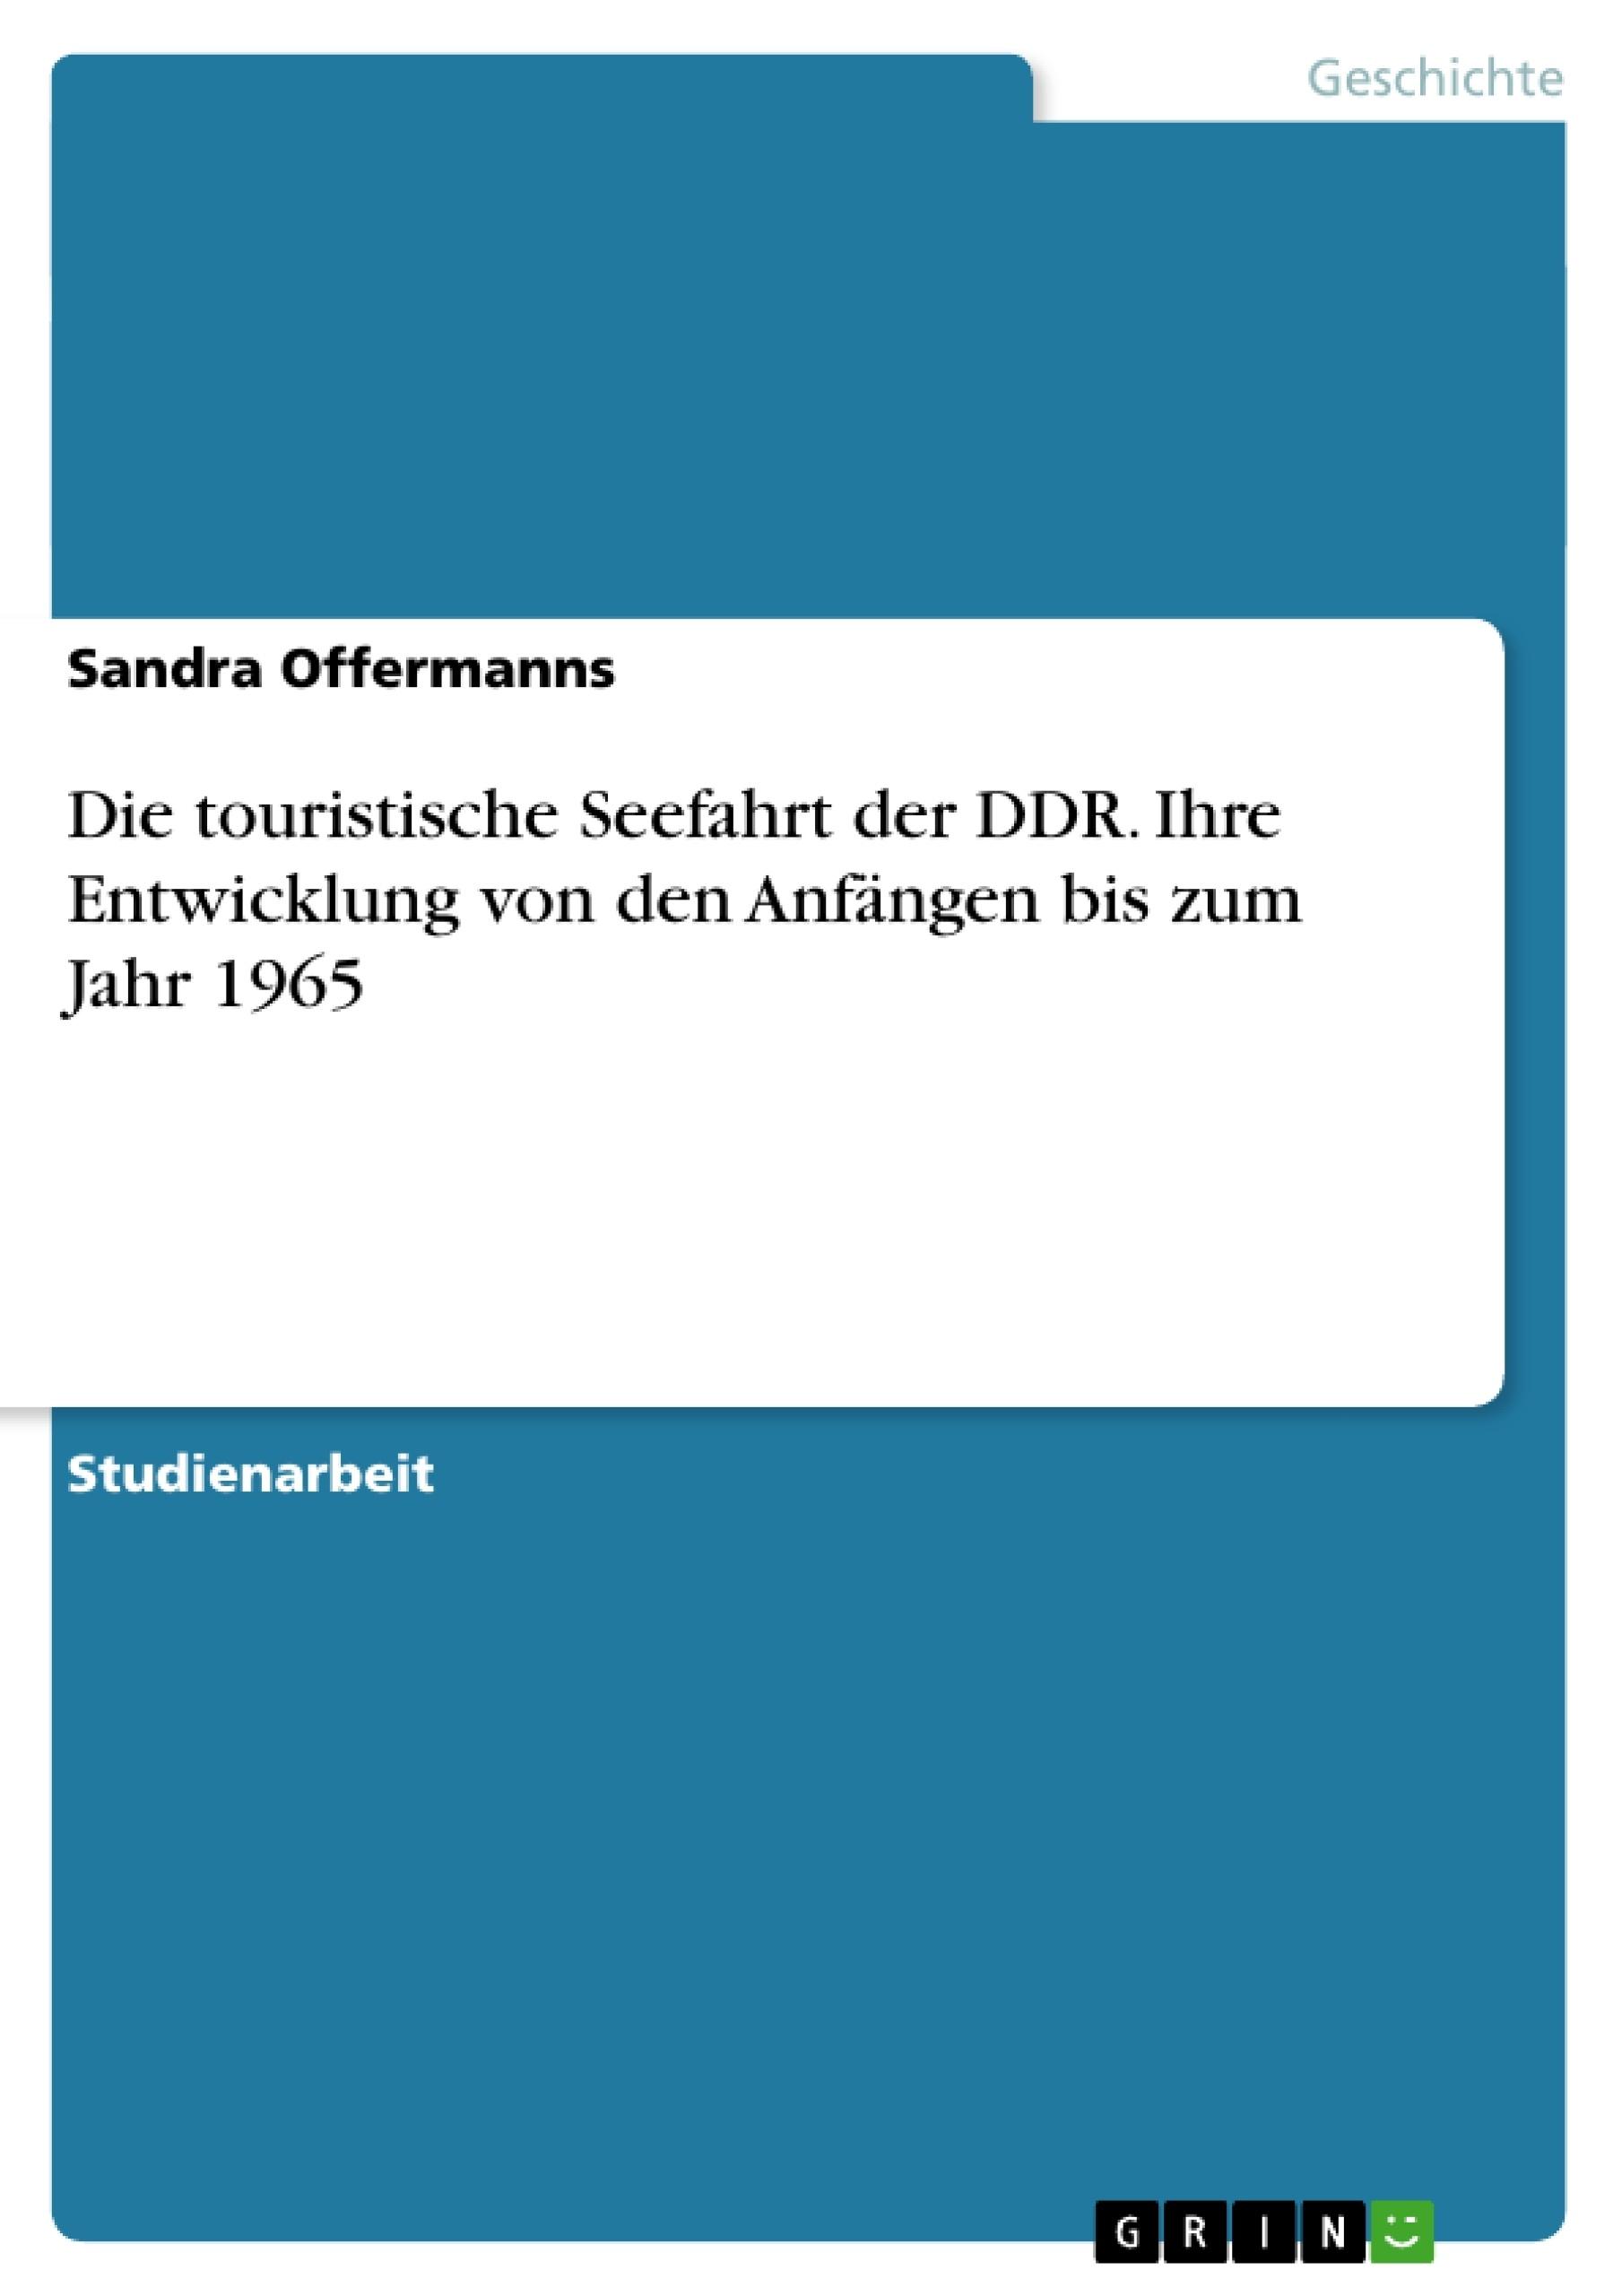 Titel: Die touristische Seefahrt der DDR. Ihre Entwicklung von den Anfängen bis zum Jahr 1965